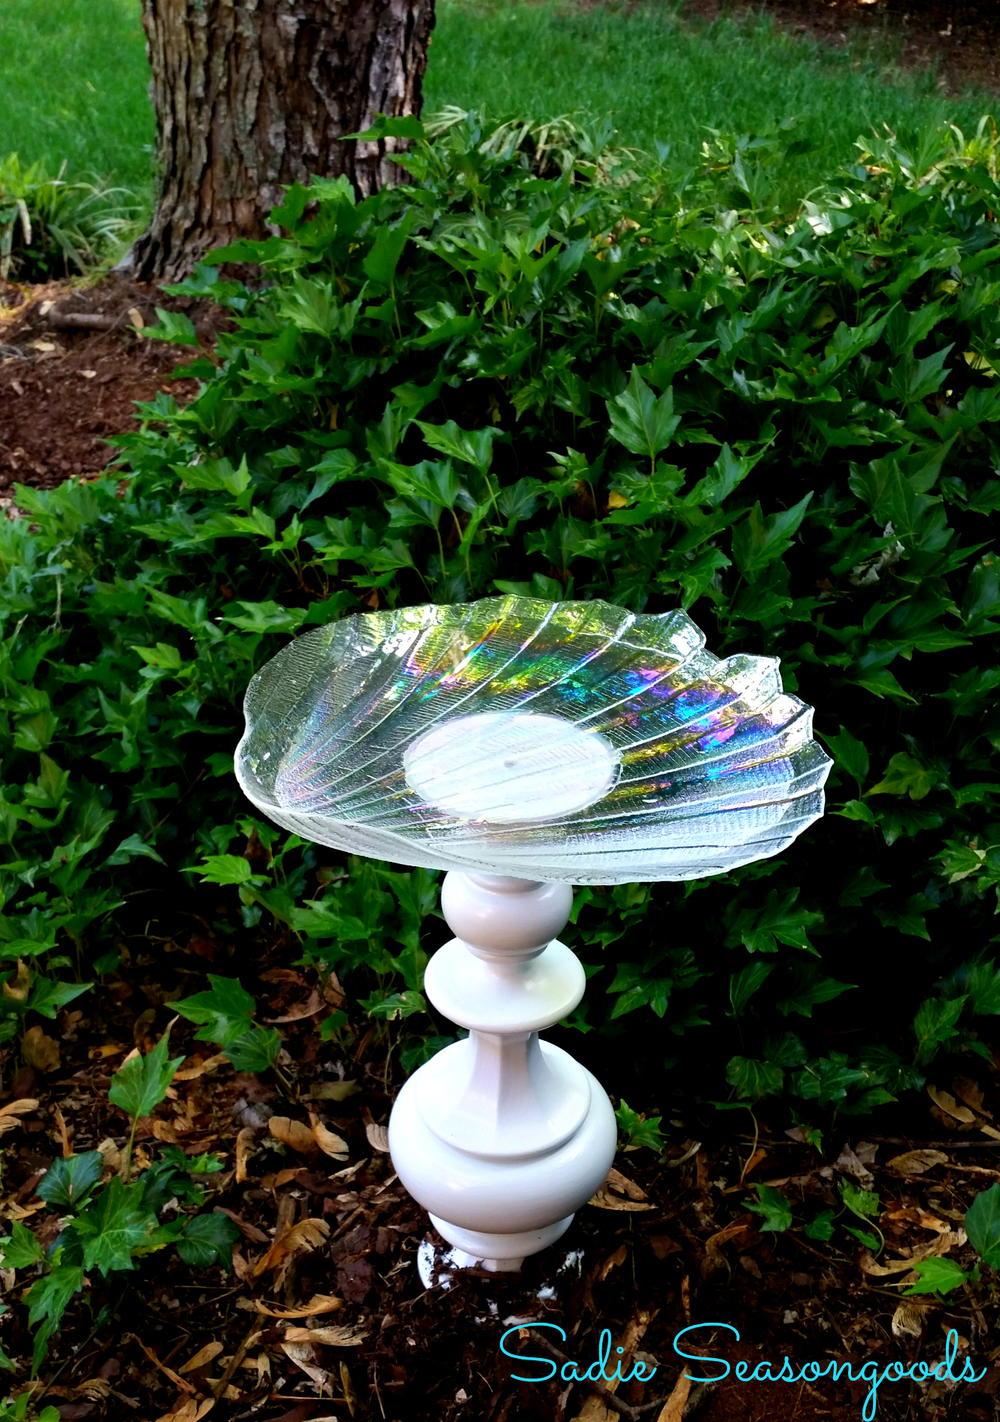 Bright Idea Recycled Birdbath